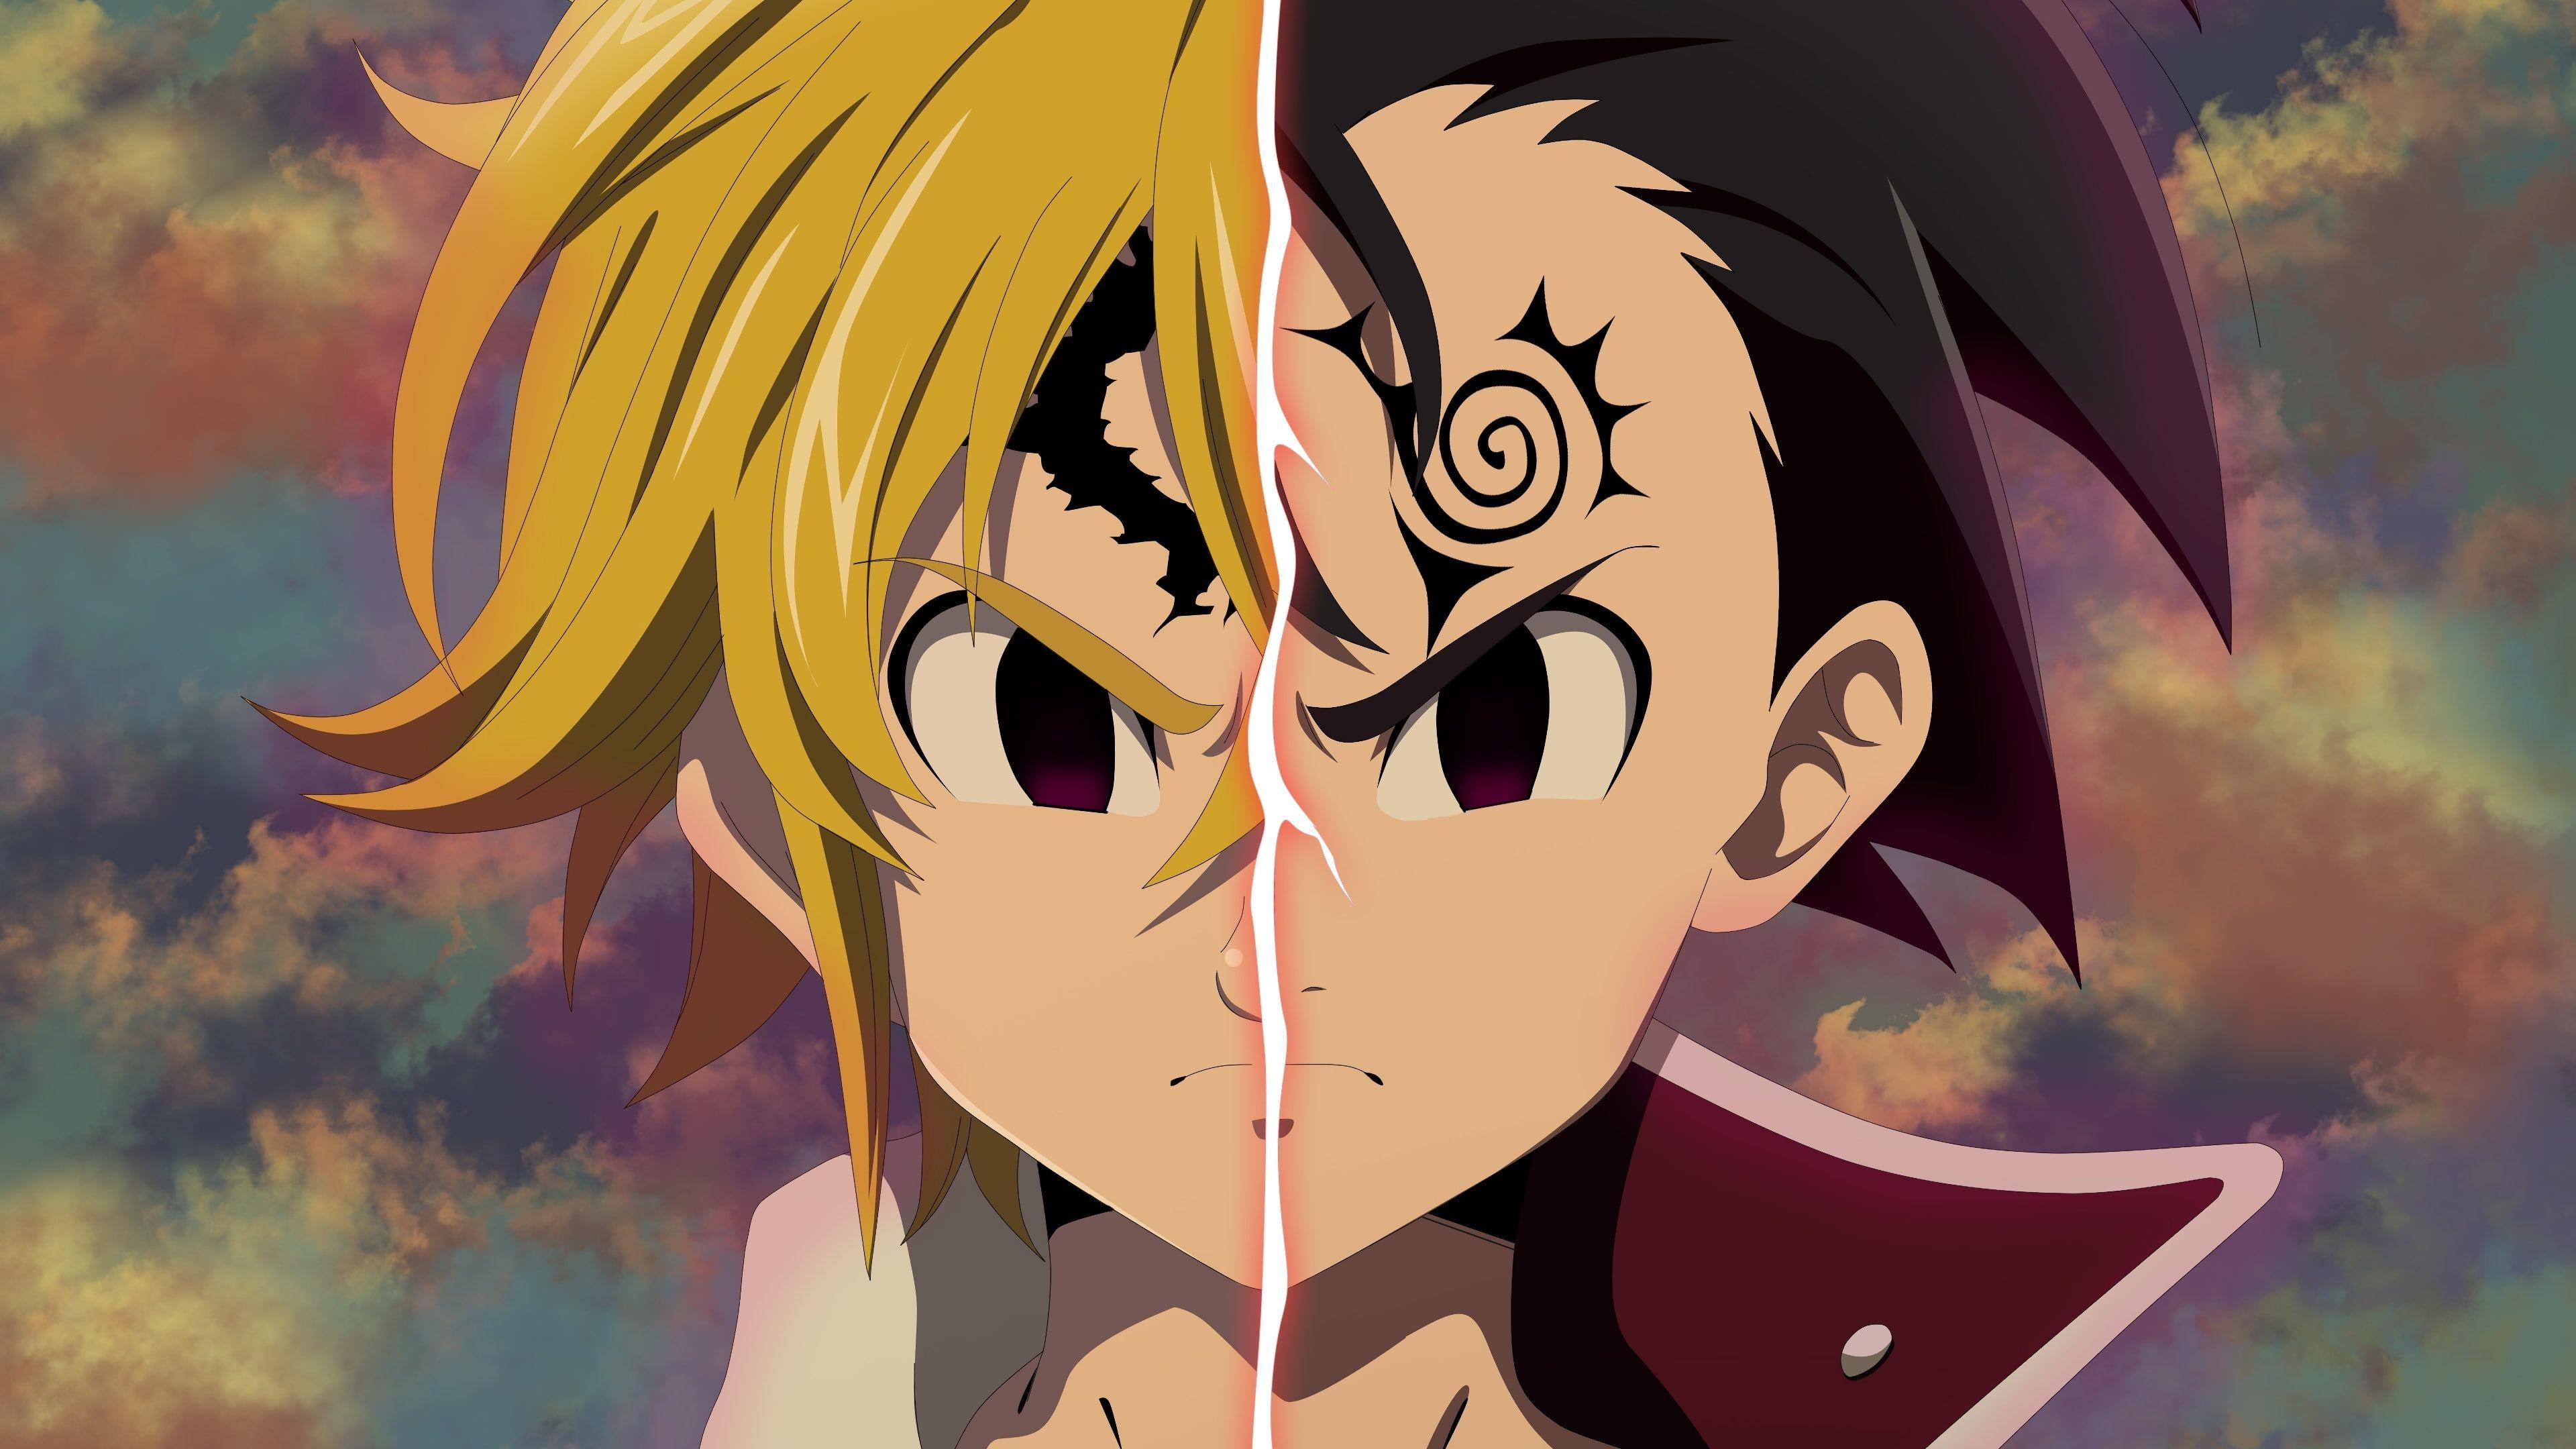 Download Wallpapers 4k Meliodas Warrior Manga The Seven Deadly Sins Nanatsu No Taizai Besthqwallpapers Com Seven Deadly Sins Anime Demon King Anime Seven Deadly Sins